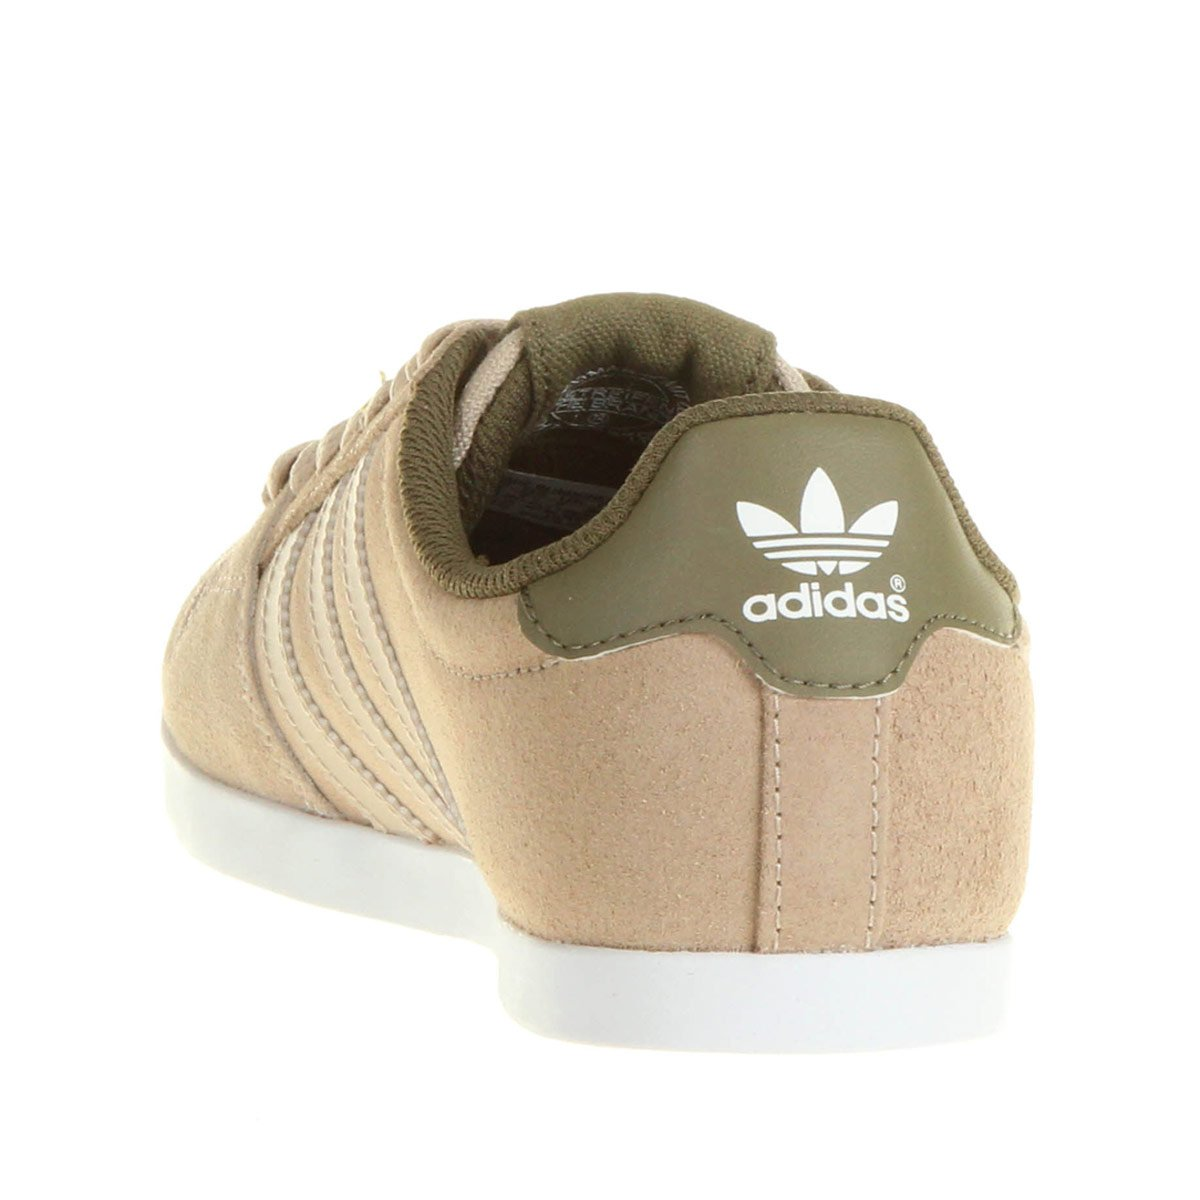 9061e81f9f0 Tênis Adidas Adilago - Compre Agora